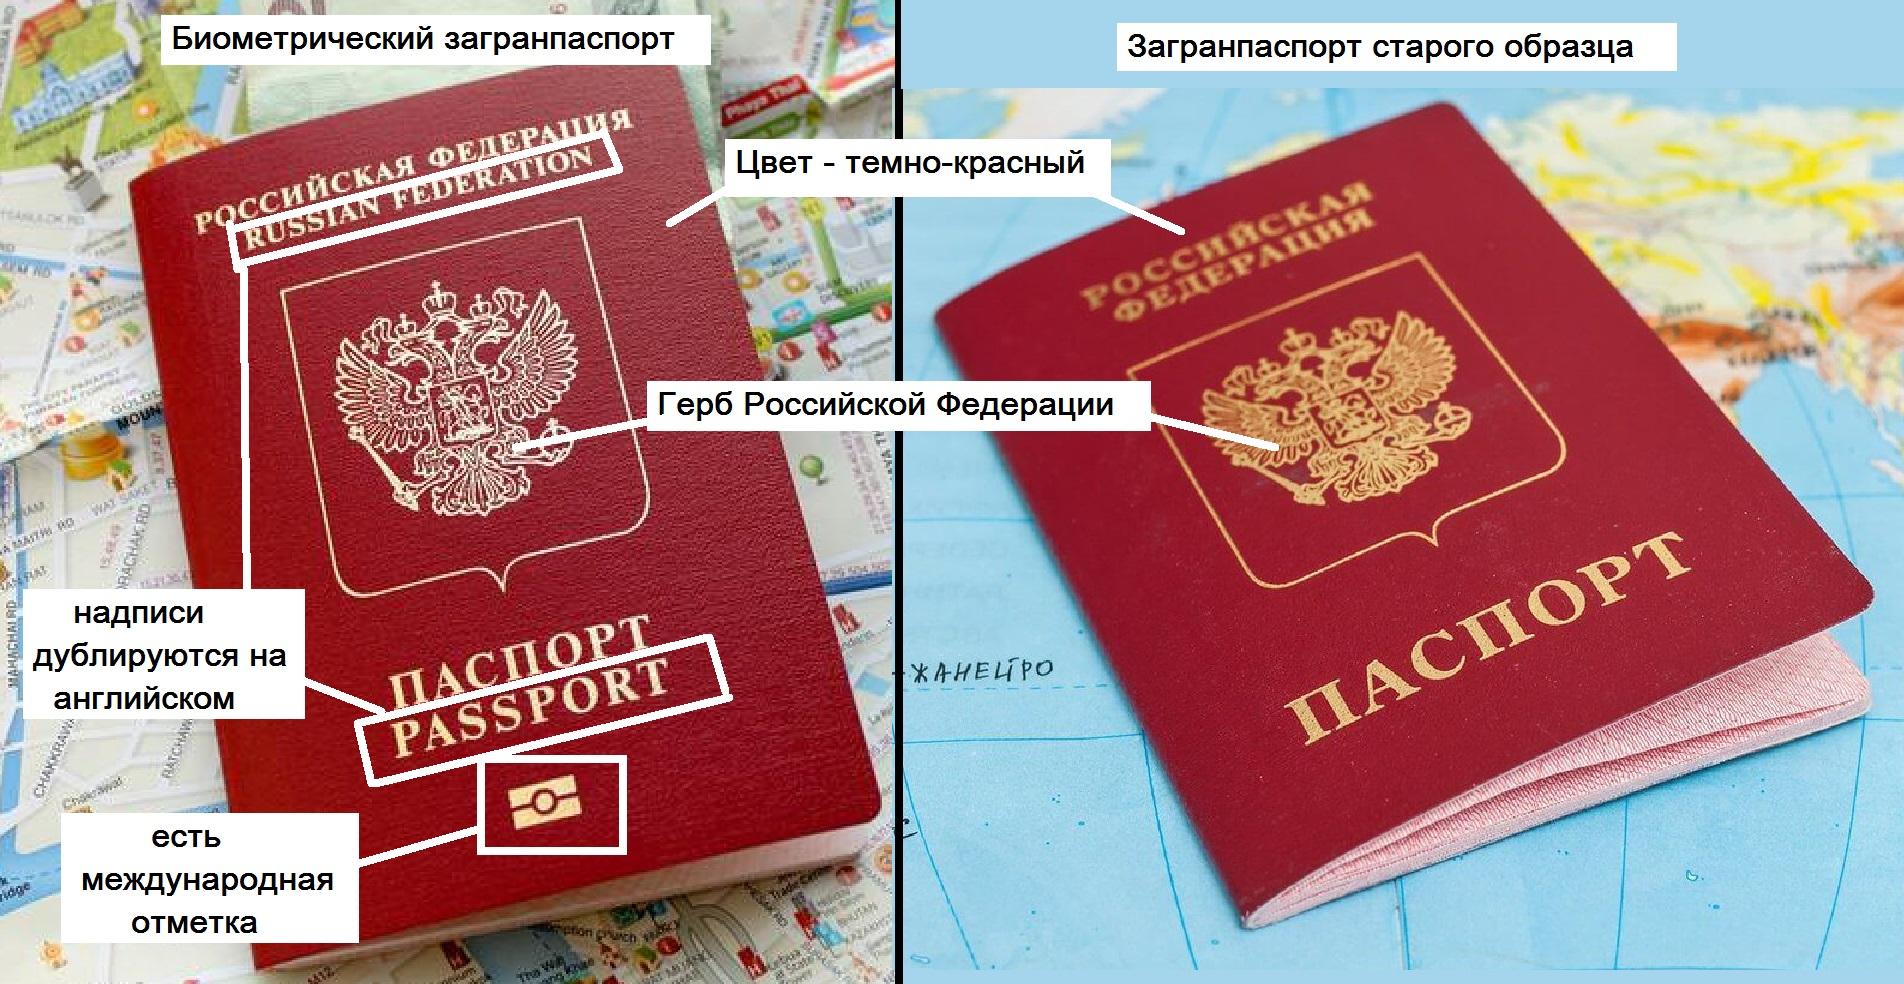 Оформление загранпаспорта в Твери: пошаговая инструкция, необходимые 72